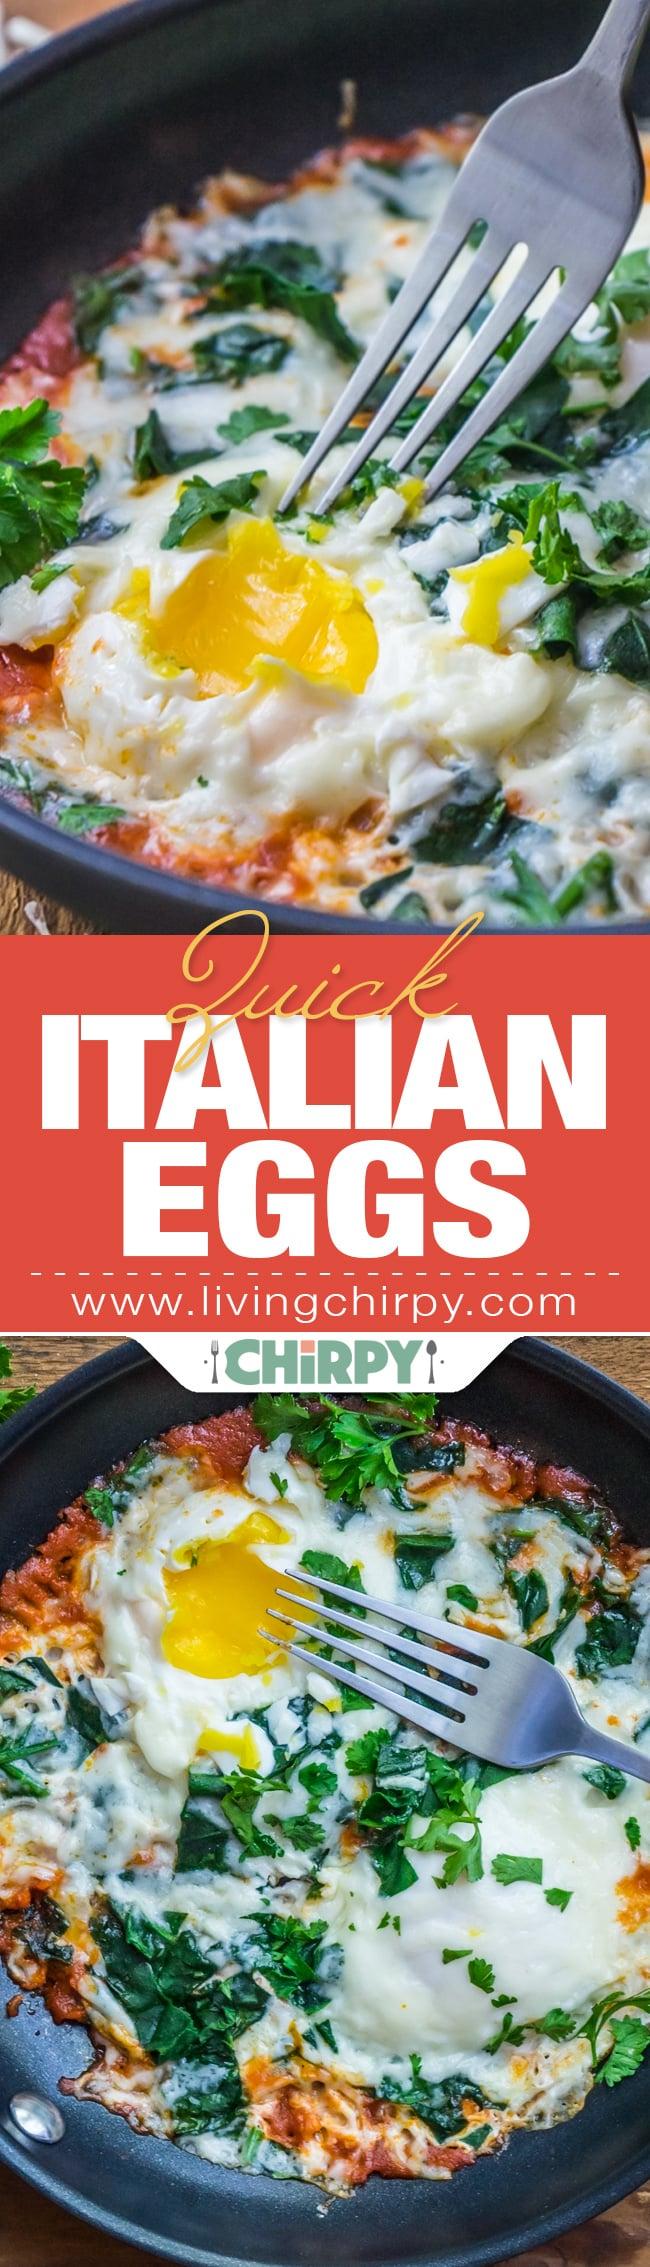 Quick Italian Eggs